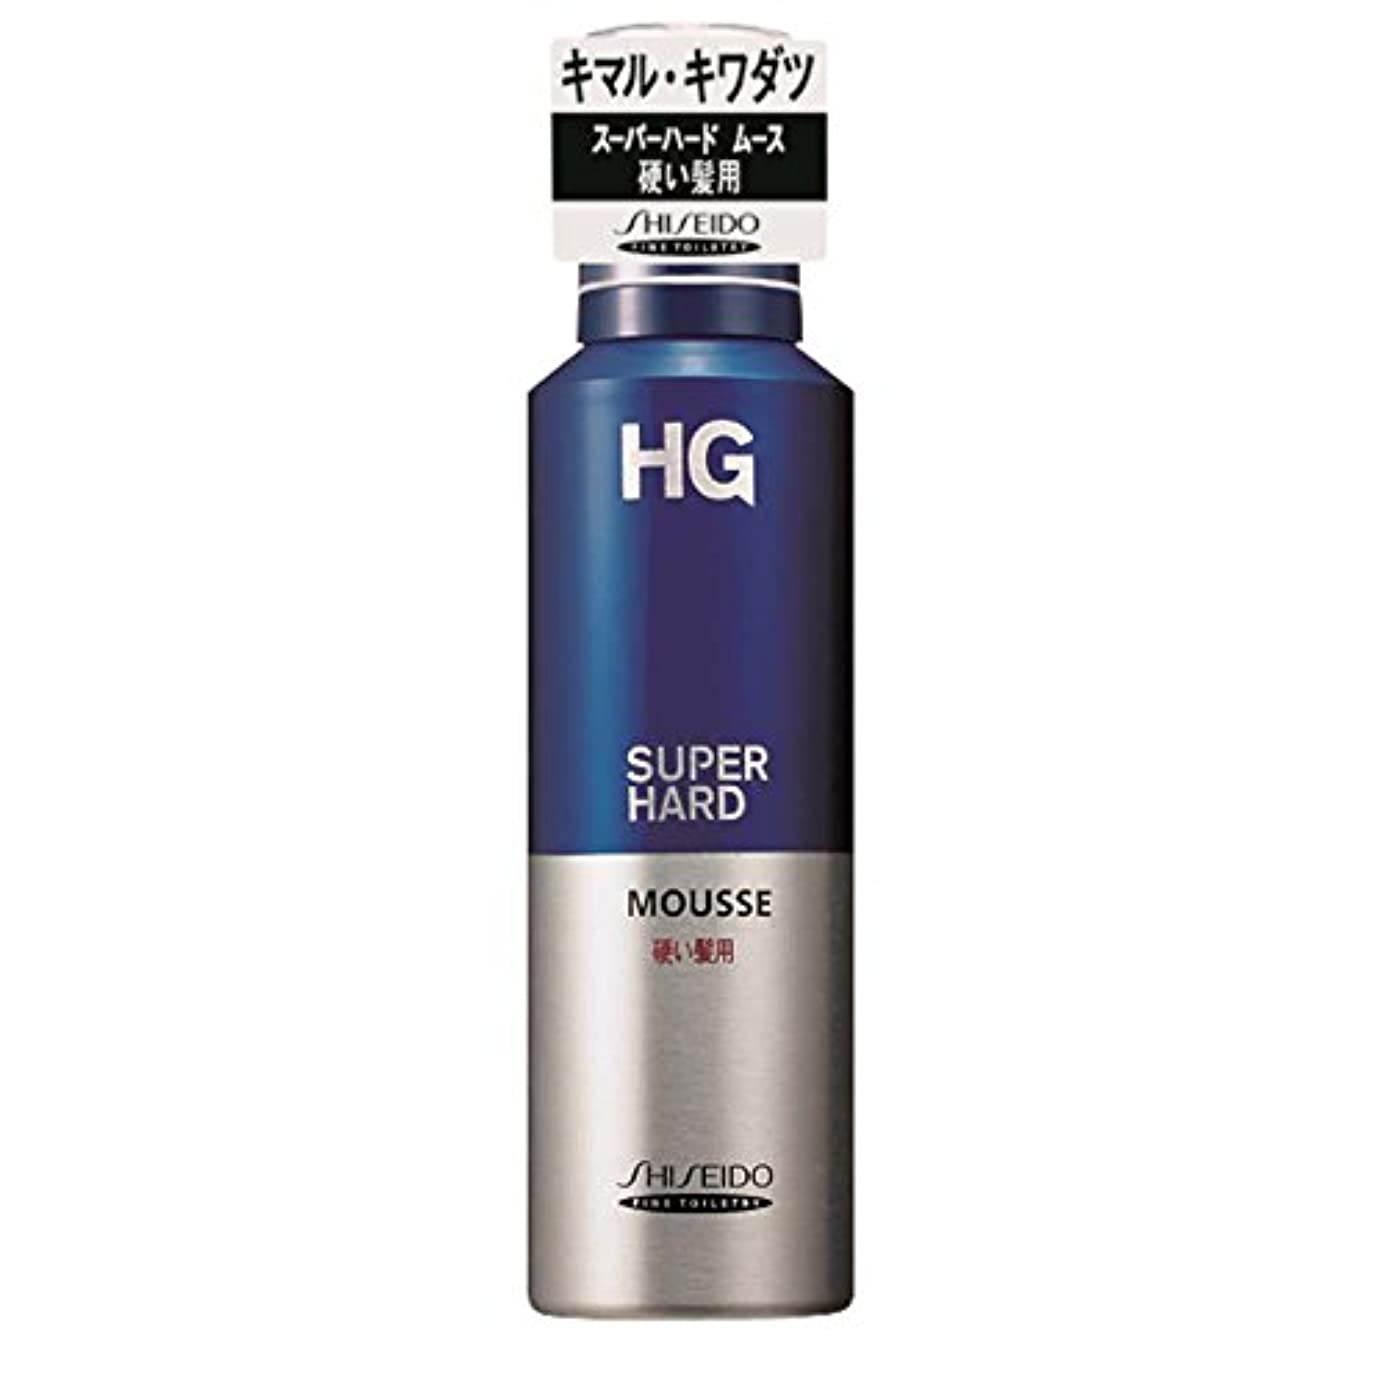 彼女ロール何もないHG スーパーハード ムース 硬い髪用 180g